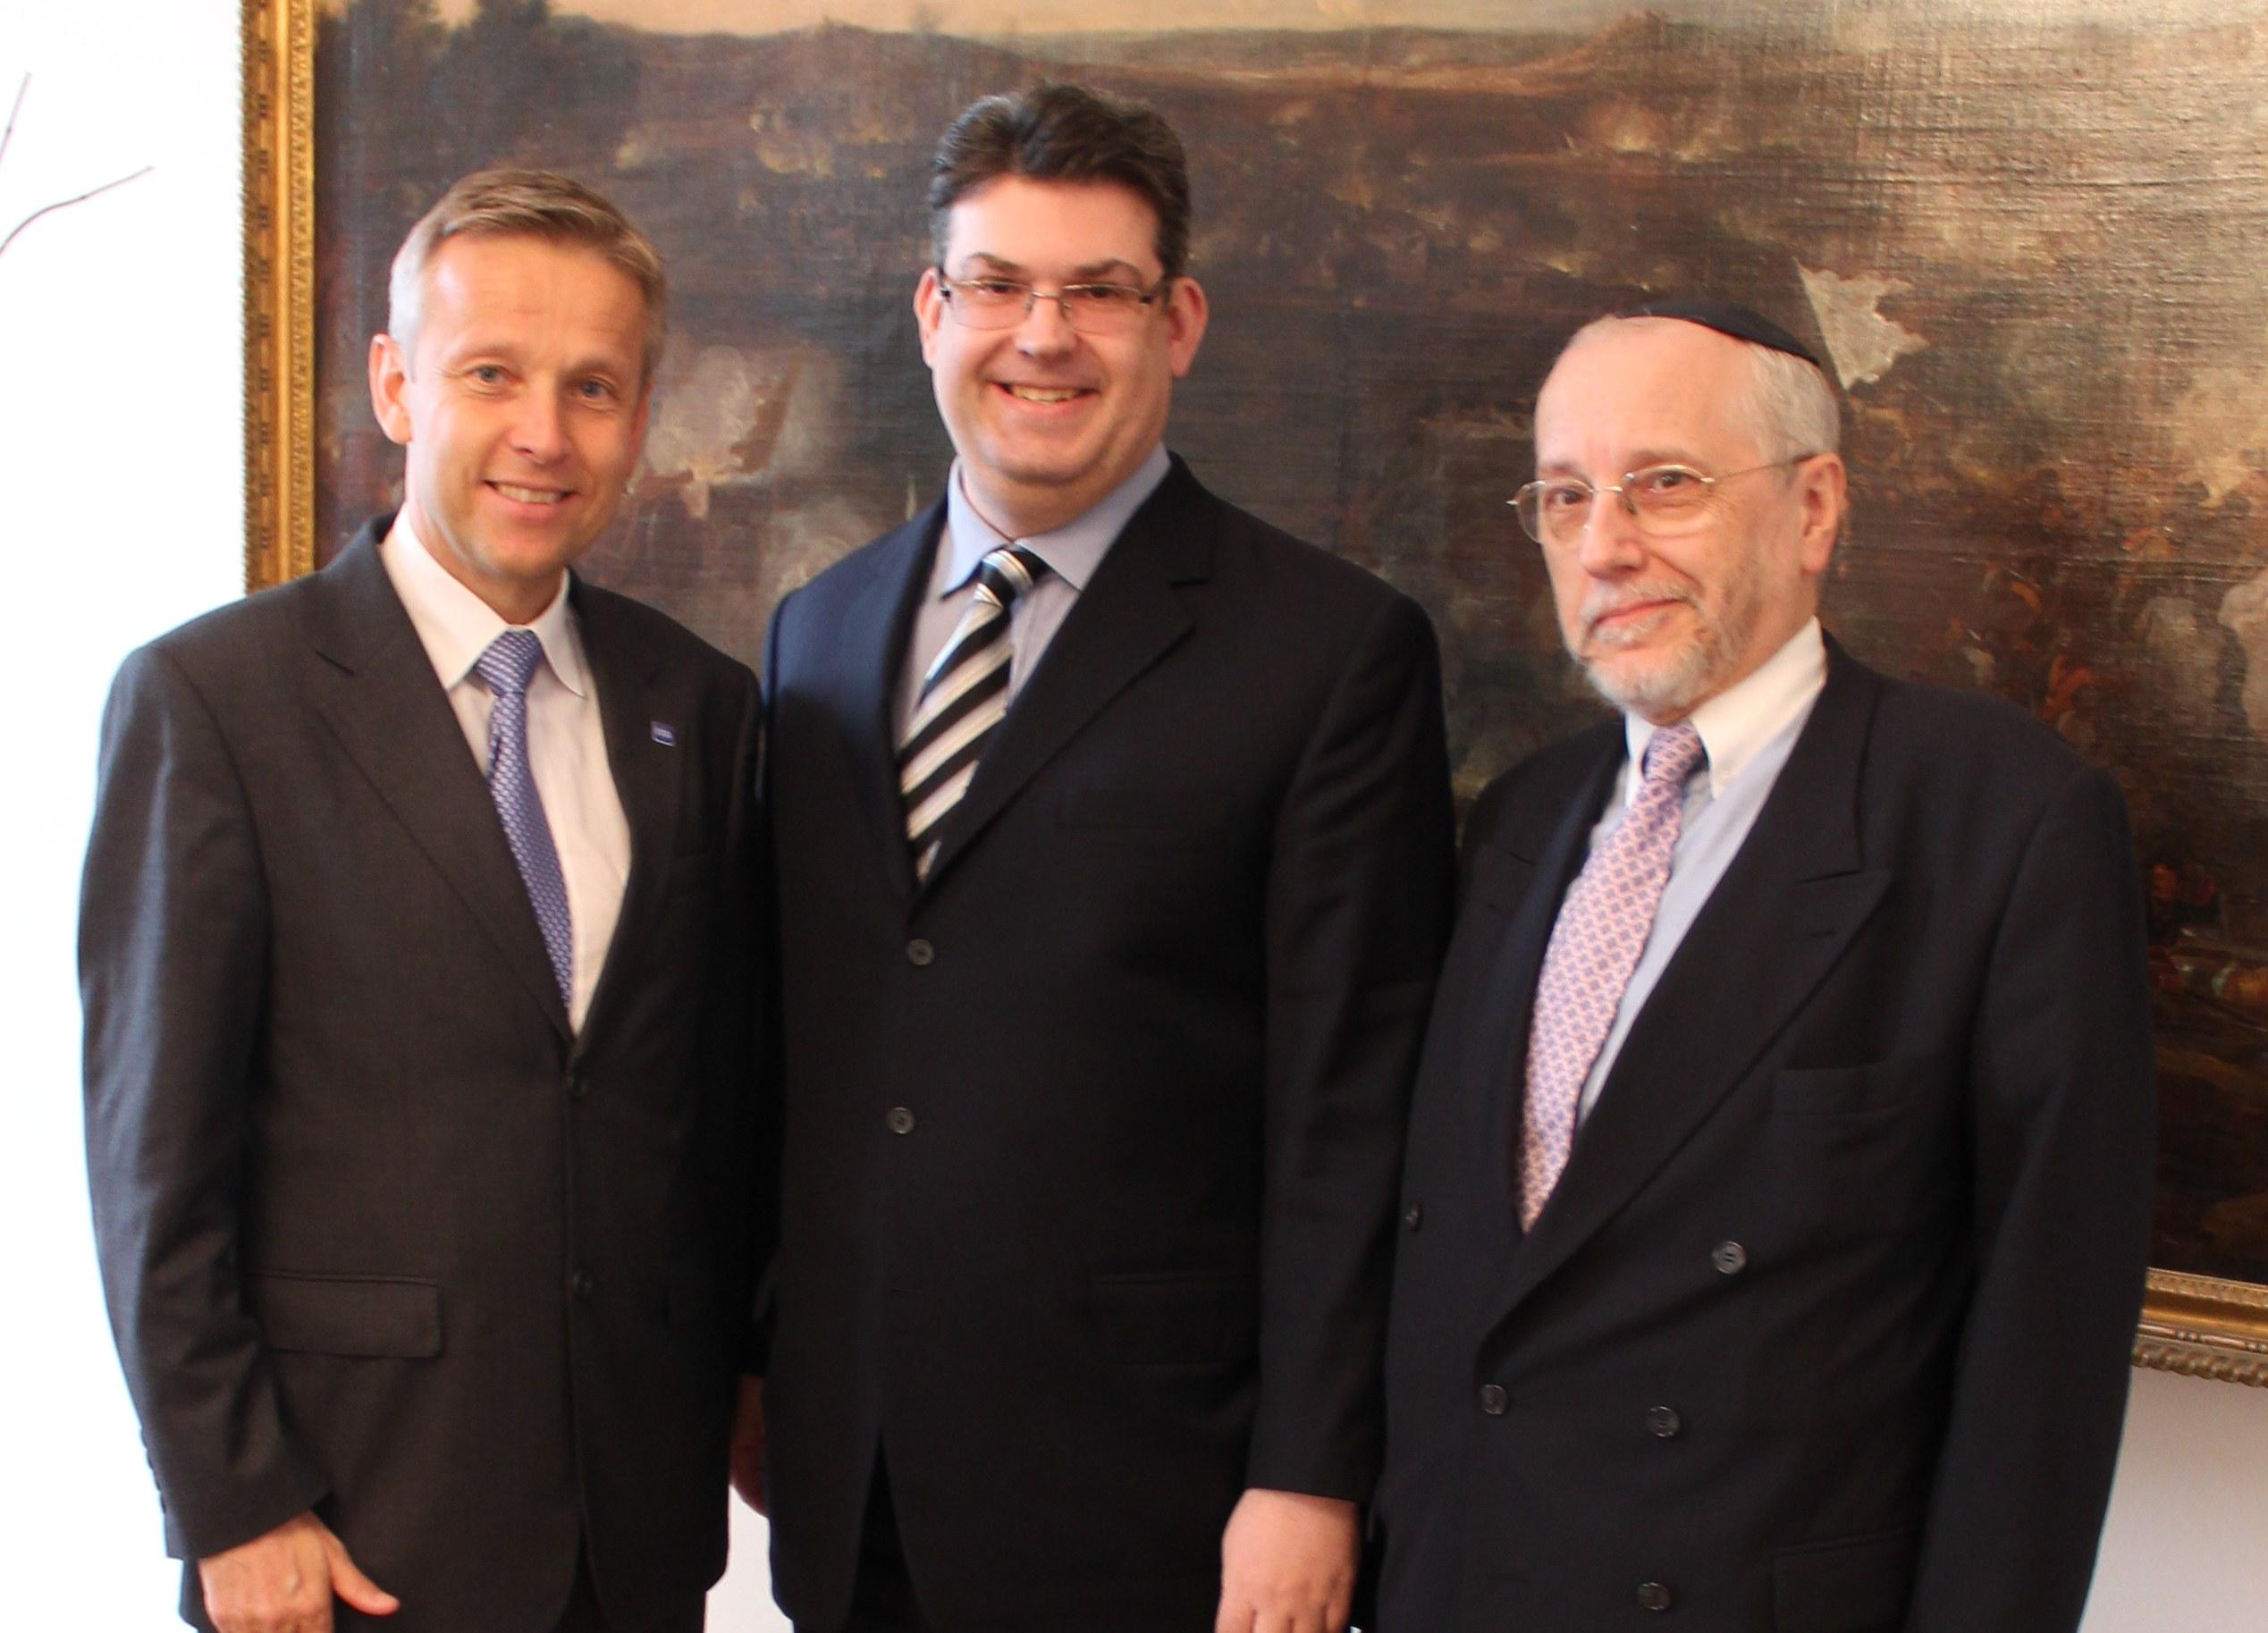 (c) BMEIA, STS Lopatka trifft Präsident Oskar Deutsch und Raimund Fastenbauer, Israelische Kultusgemeinde